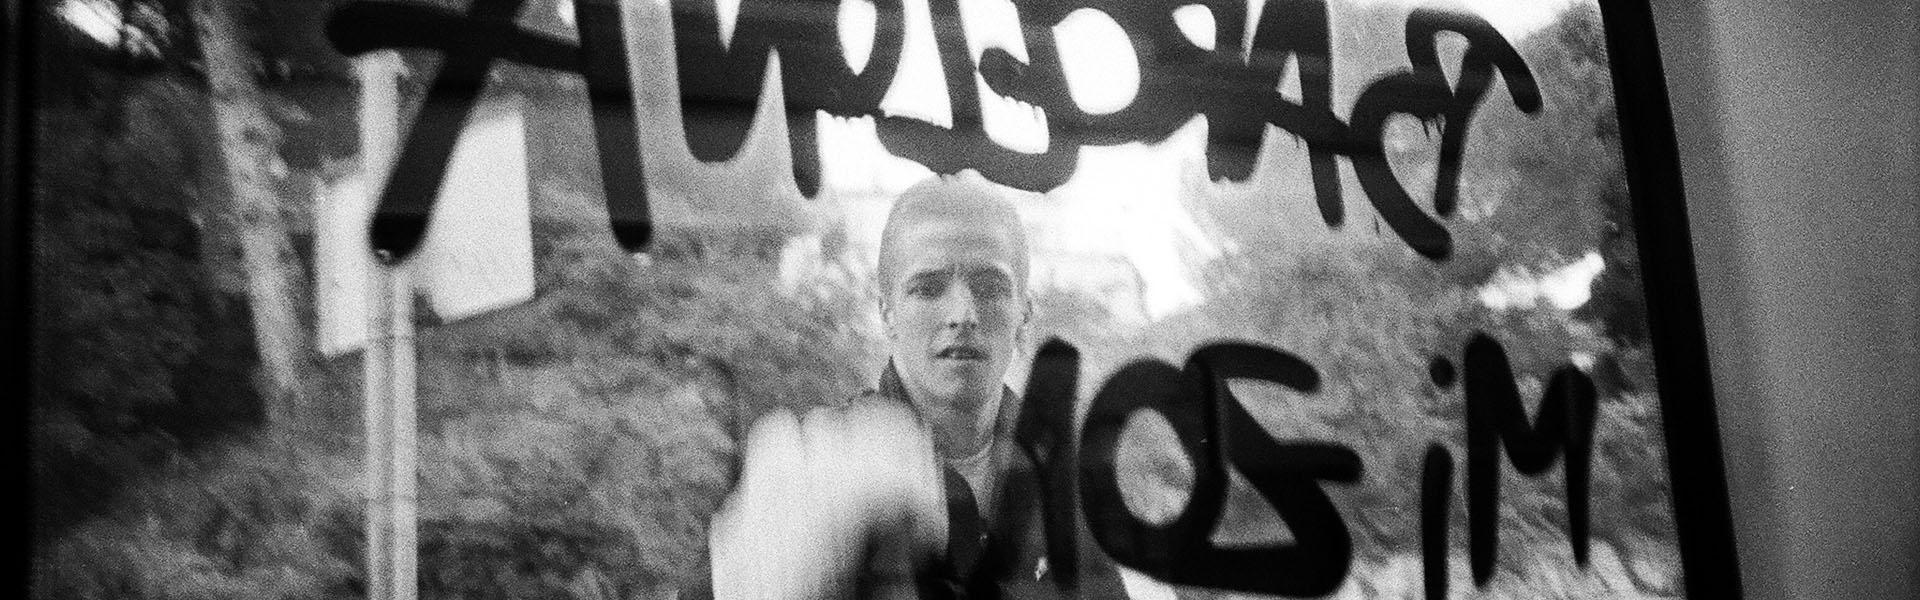 Jóvenes salvajes. Foto: Viktor Kostenko